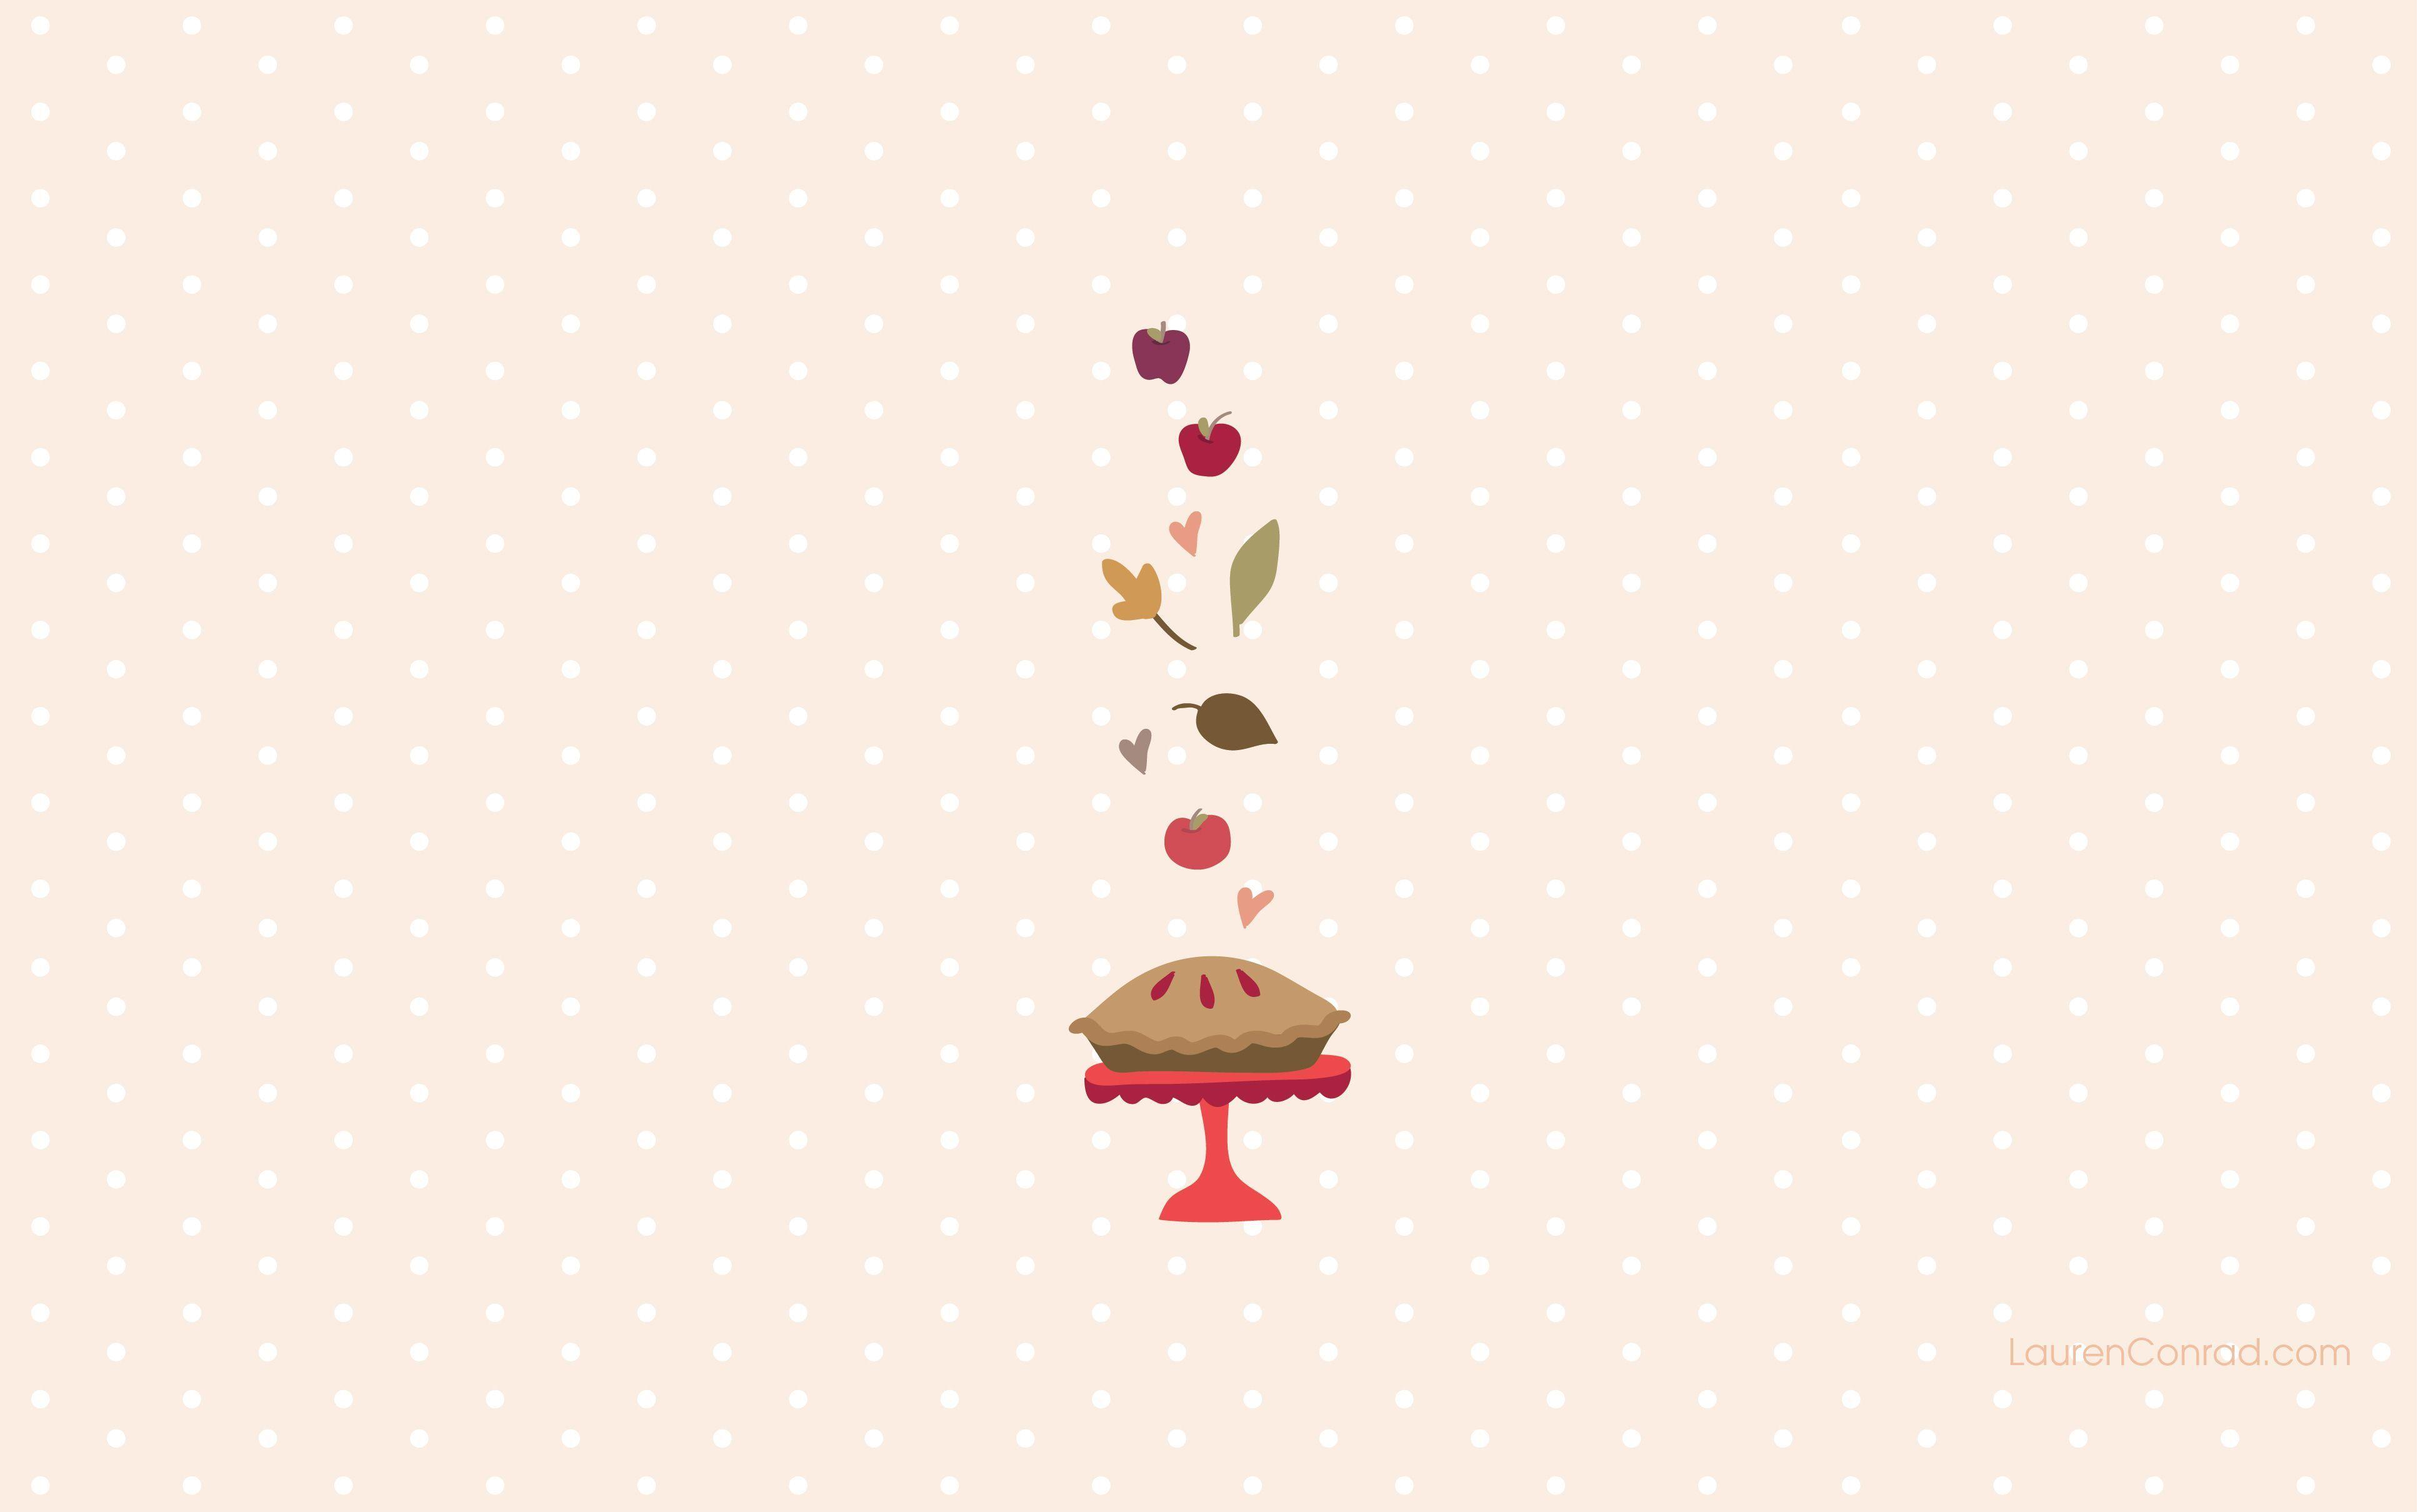 Pinterest Desktop Wallpapers Top Free Pinterest Desktop Backgrounds Wallpaperaccess Fall Wallpaper Iphone Wallpaper Fall Wallpaper Iphone Christmas